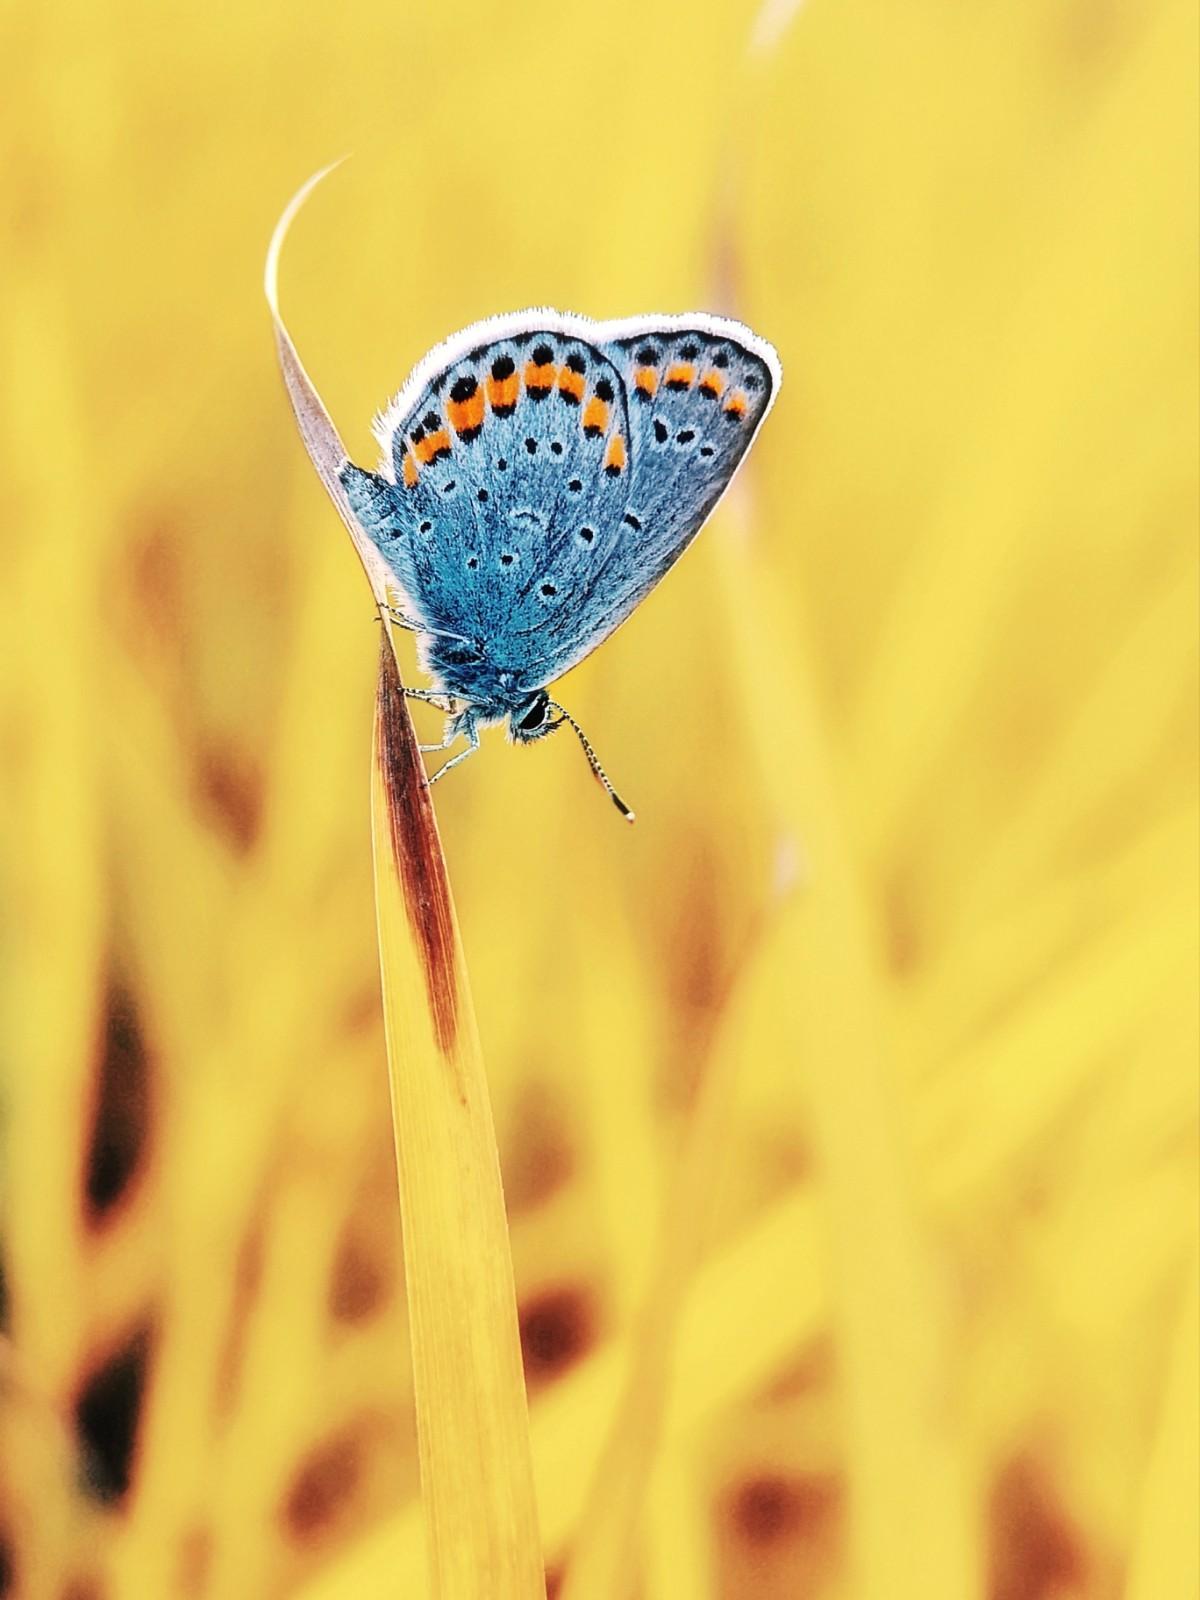 ②群 河北-酷我世界 《蝴蝶的迷梦》 HUAWEI.jpg